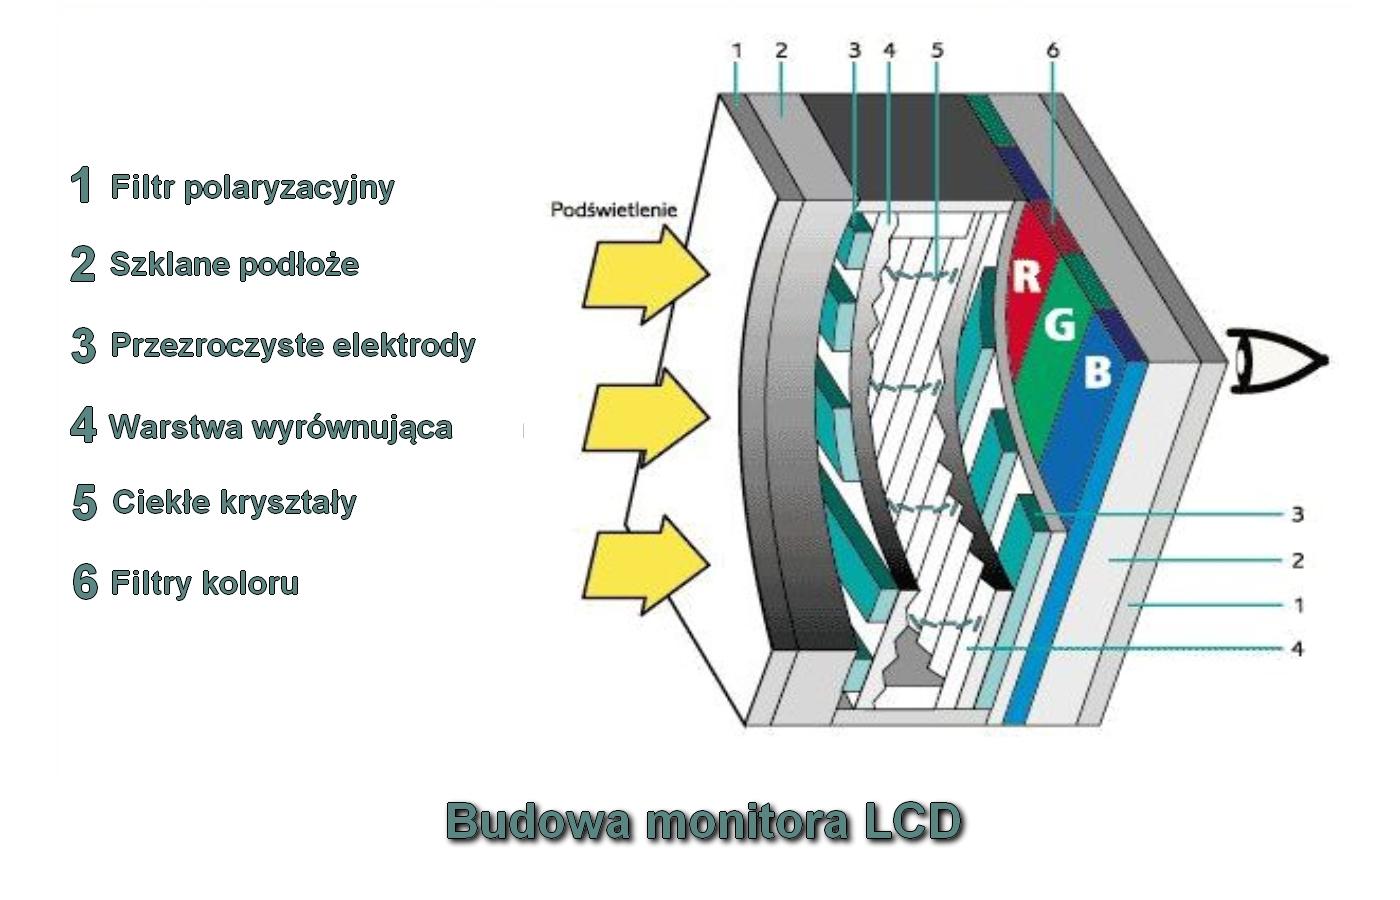 Monitor LCD - budowa